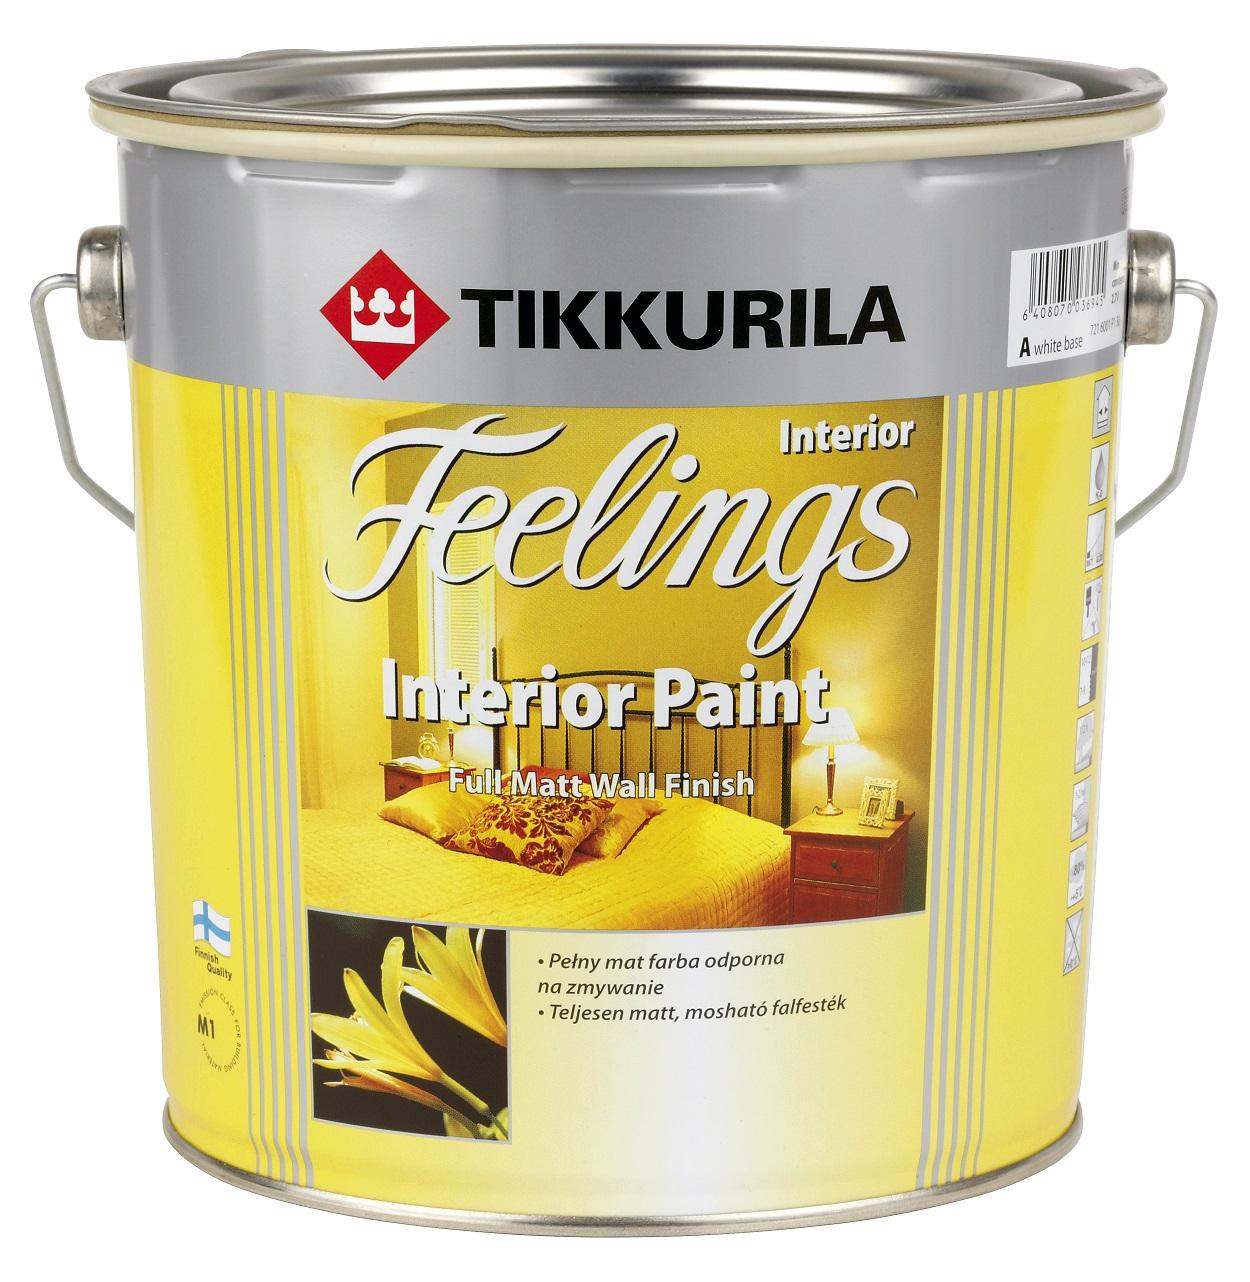 Dekorativní, otěruvzdorné i omyvatelné barvy Tikkurila do interiéru a malířské nářadí Anza